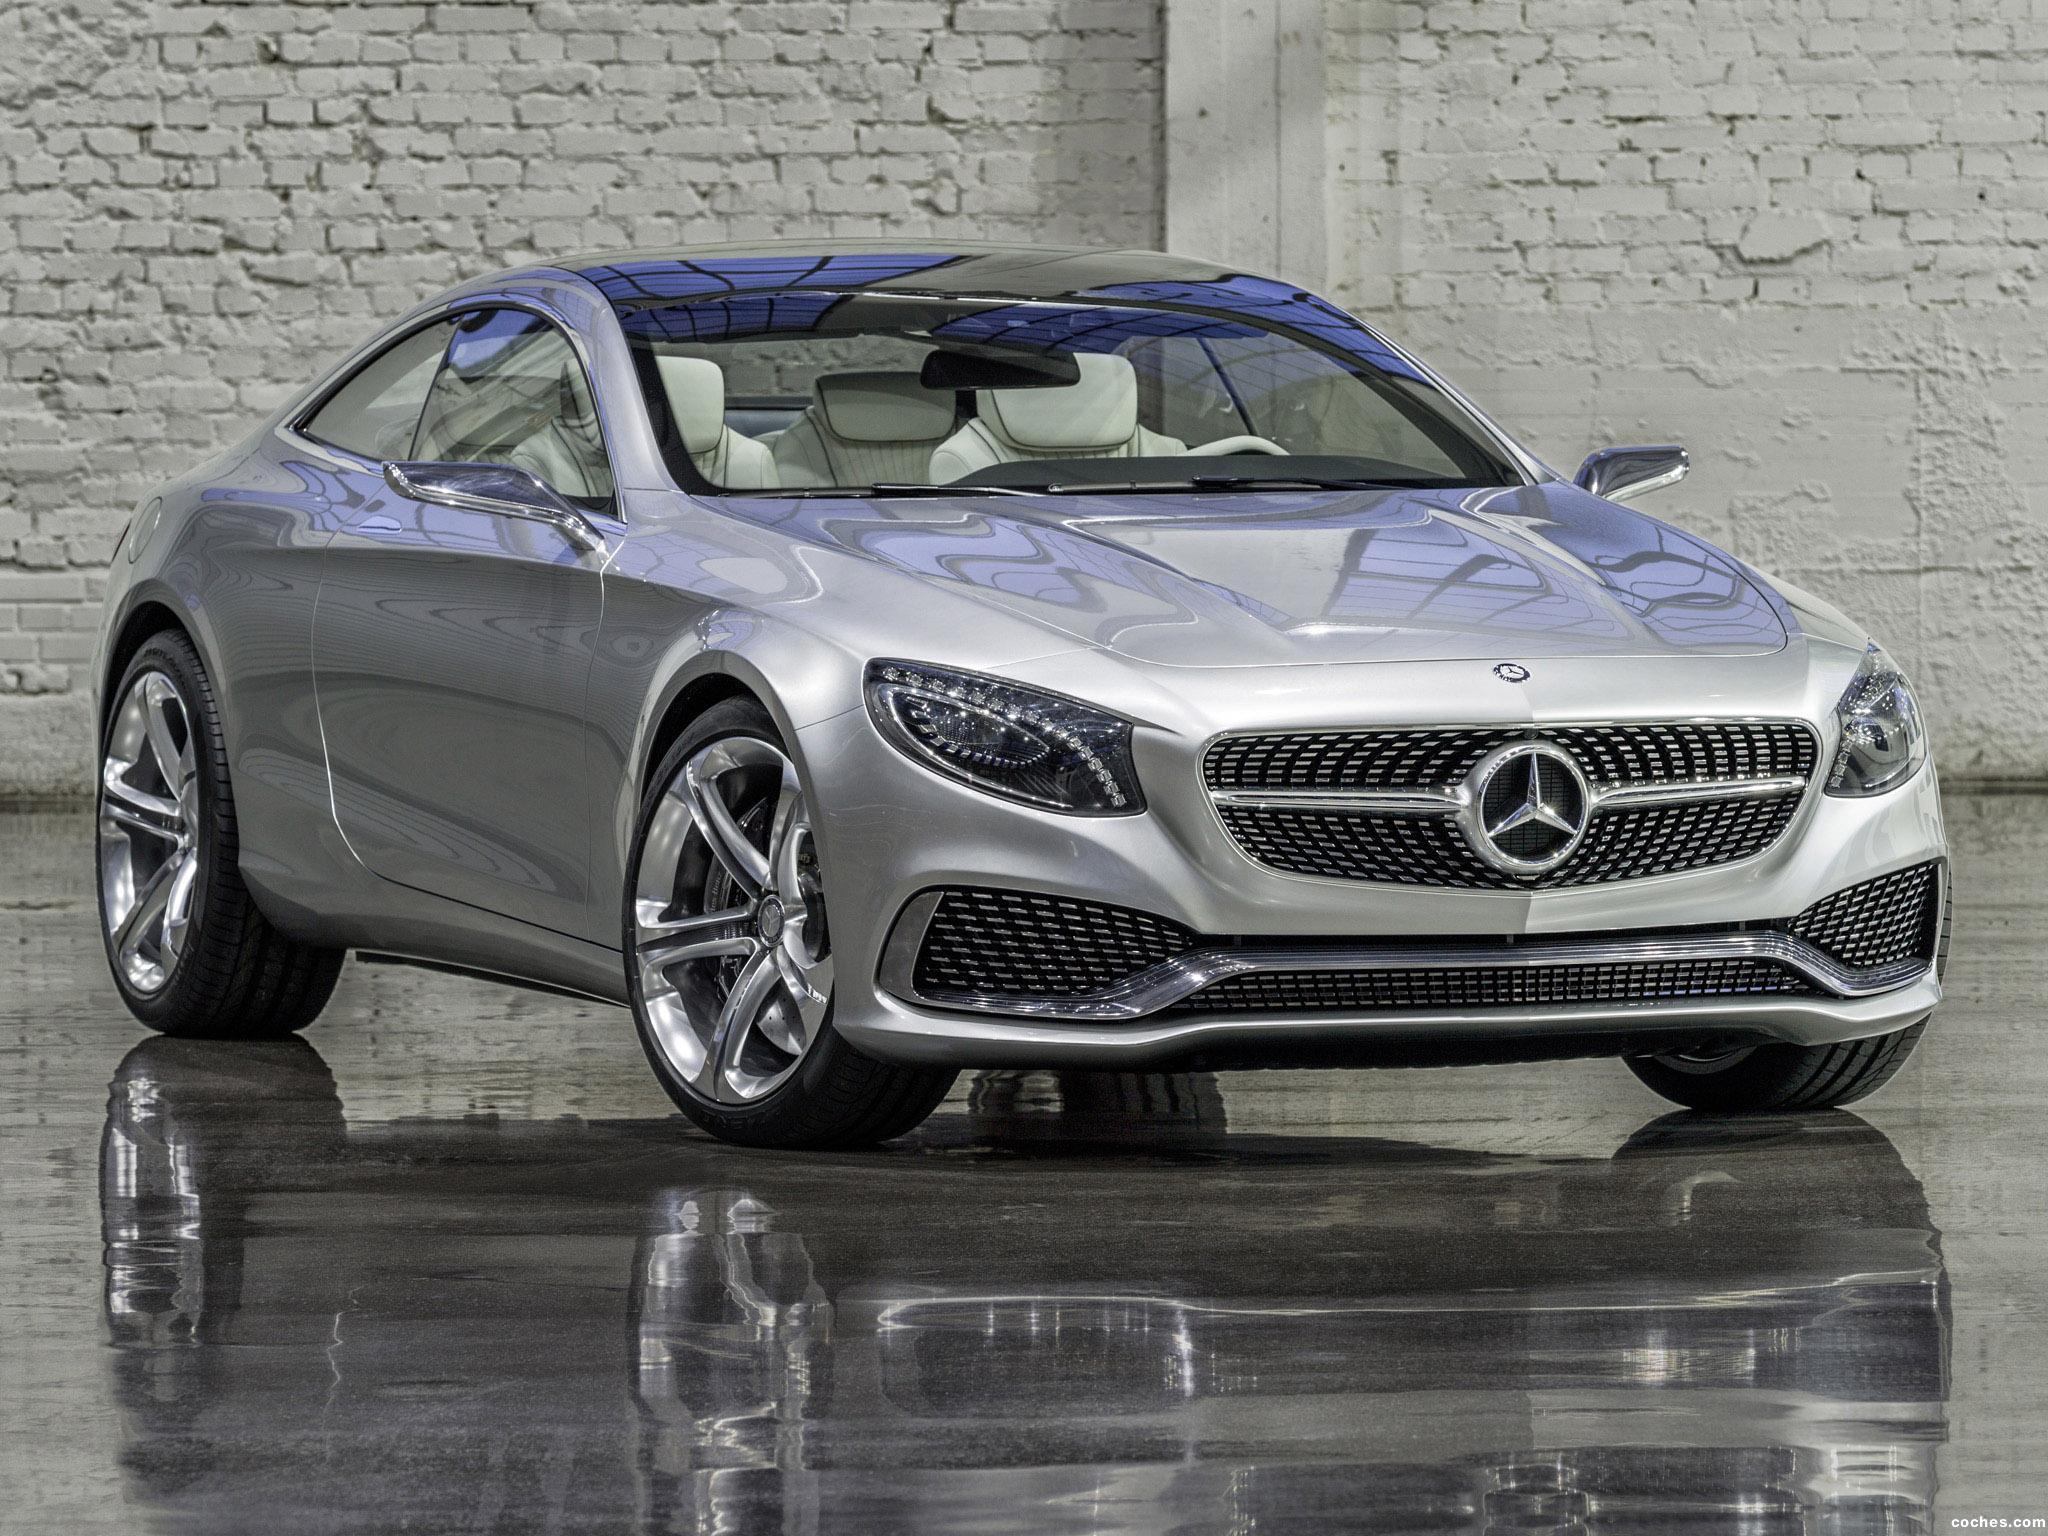 Foto 0 de Mercedes Clase S Coupe Concept 2013